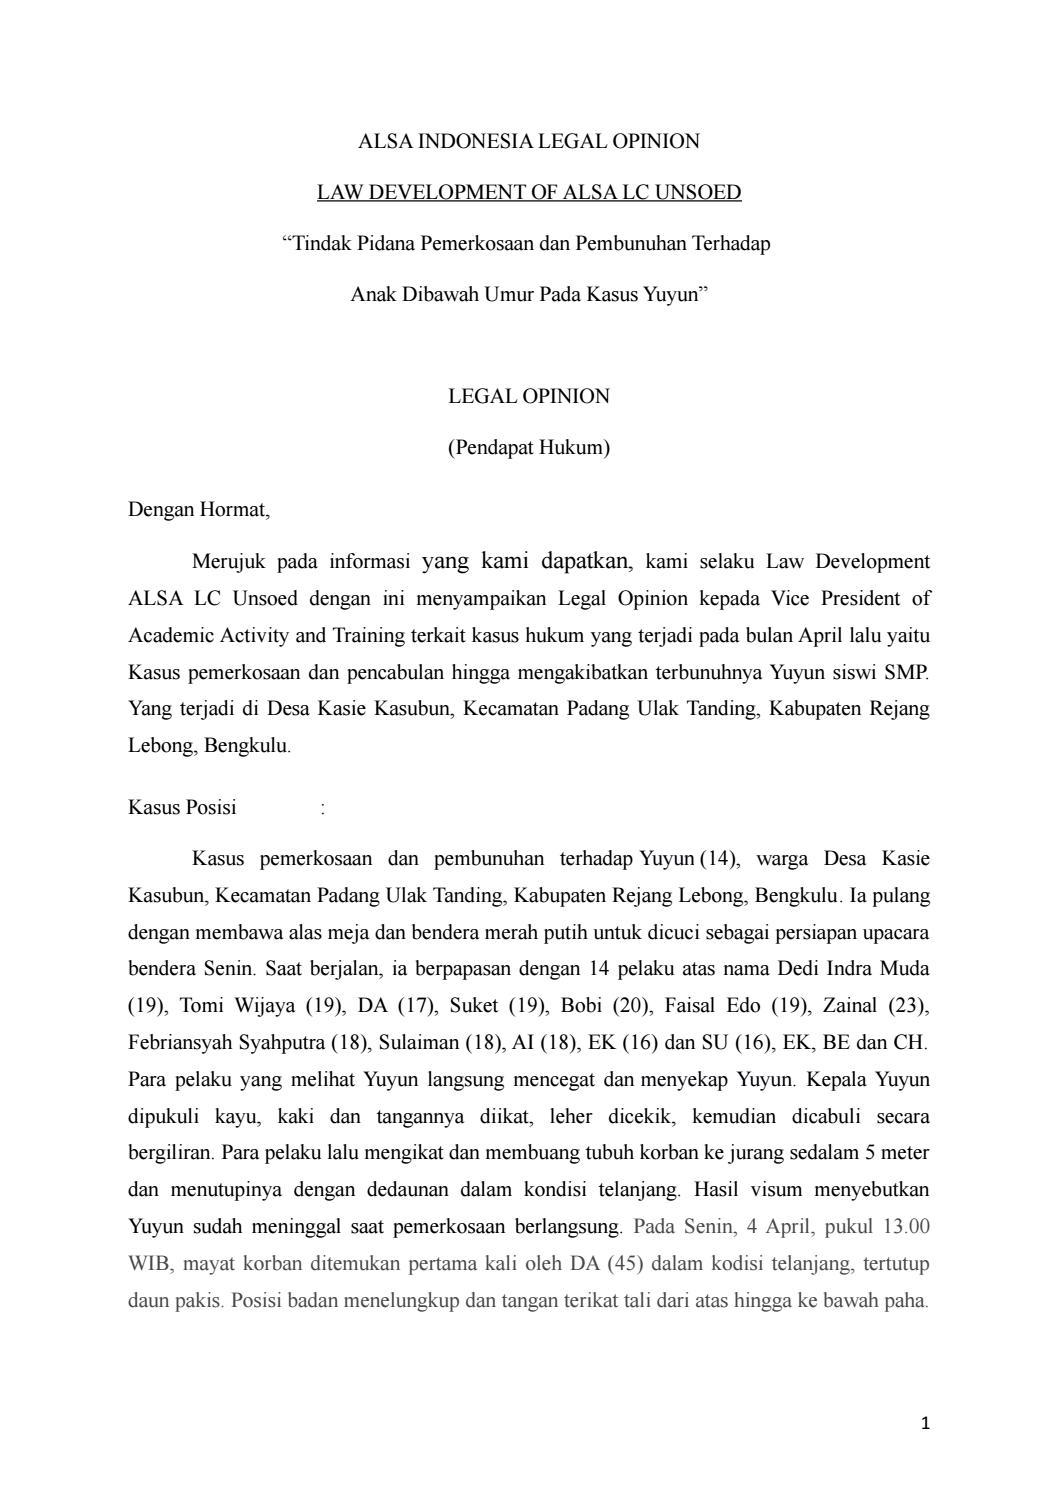 """Contoh Legal Opinion Kasus Pidana : contoh, legal, opinion, kasus, pidana, Tindak, Pidana, Pemerkosaan, Pembunuhan, Terhadap, Dibawah, Kasus, Yuyun"""", Indonesia, Issuu"""